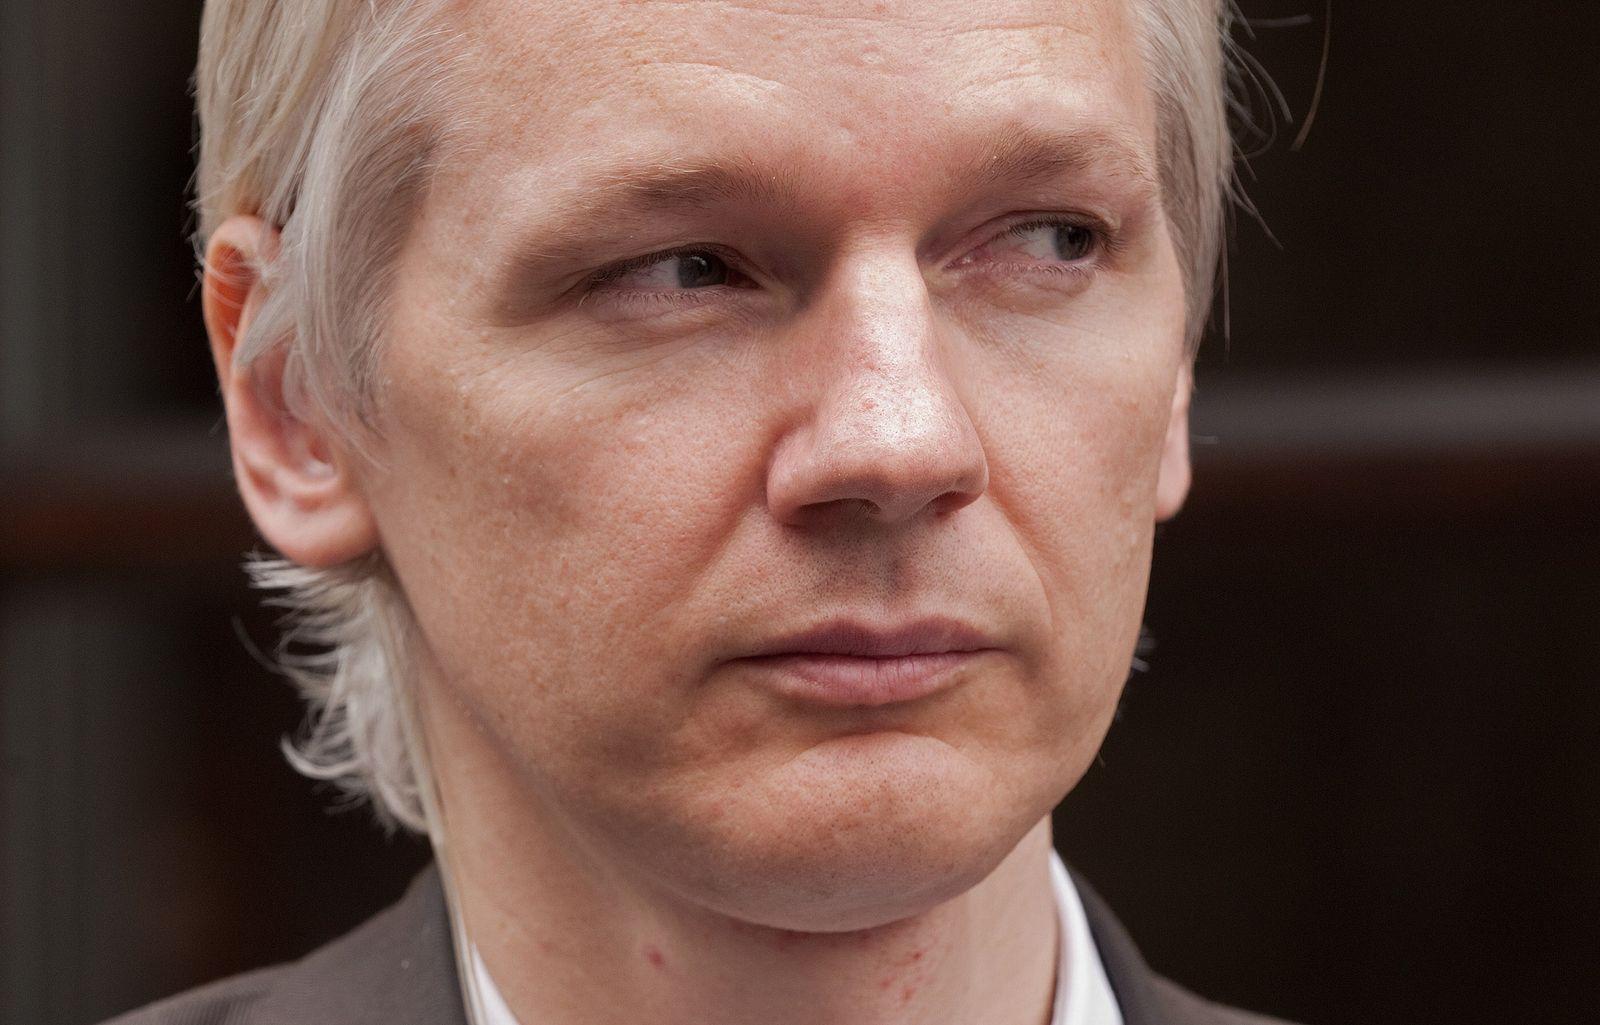 WikiLeaks/Julian Assange